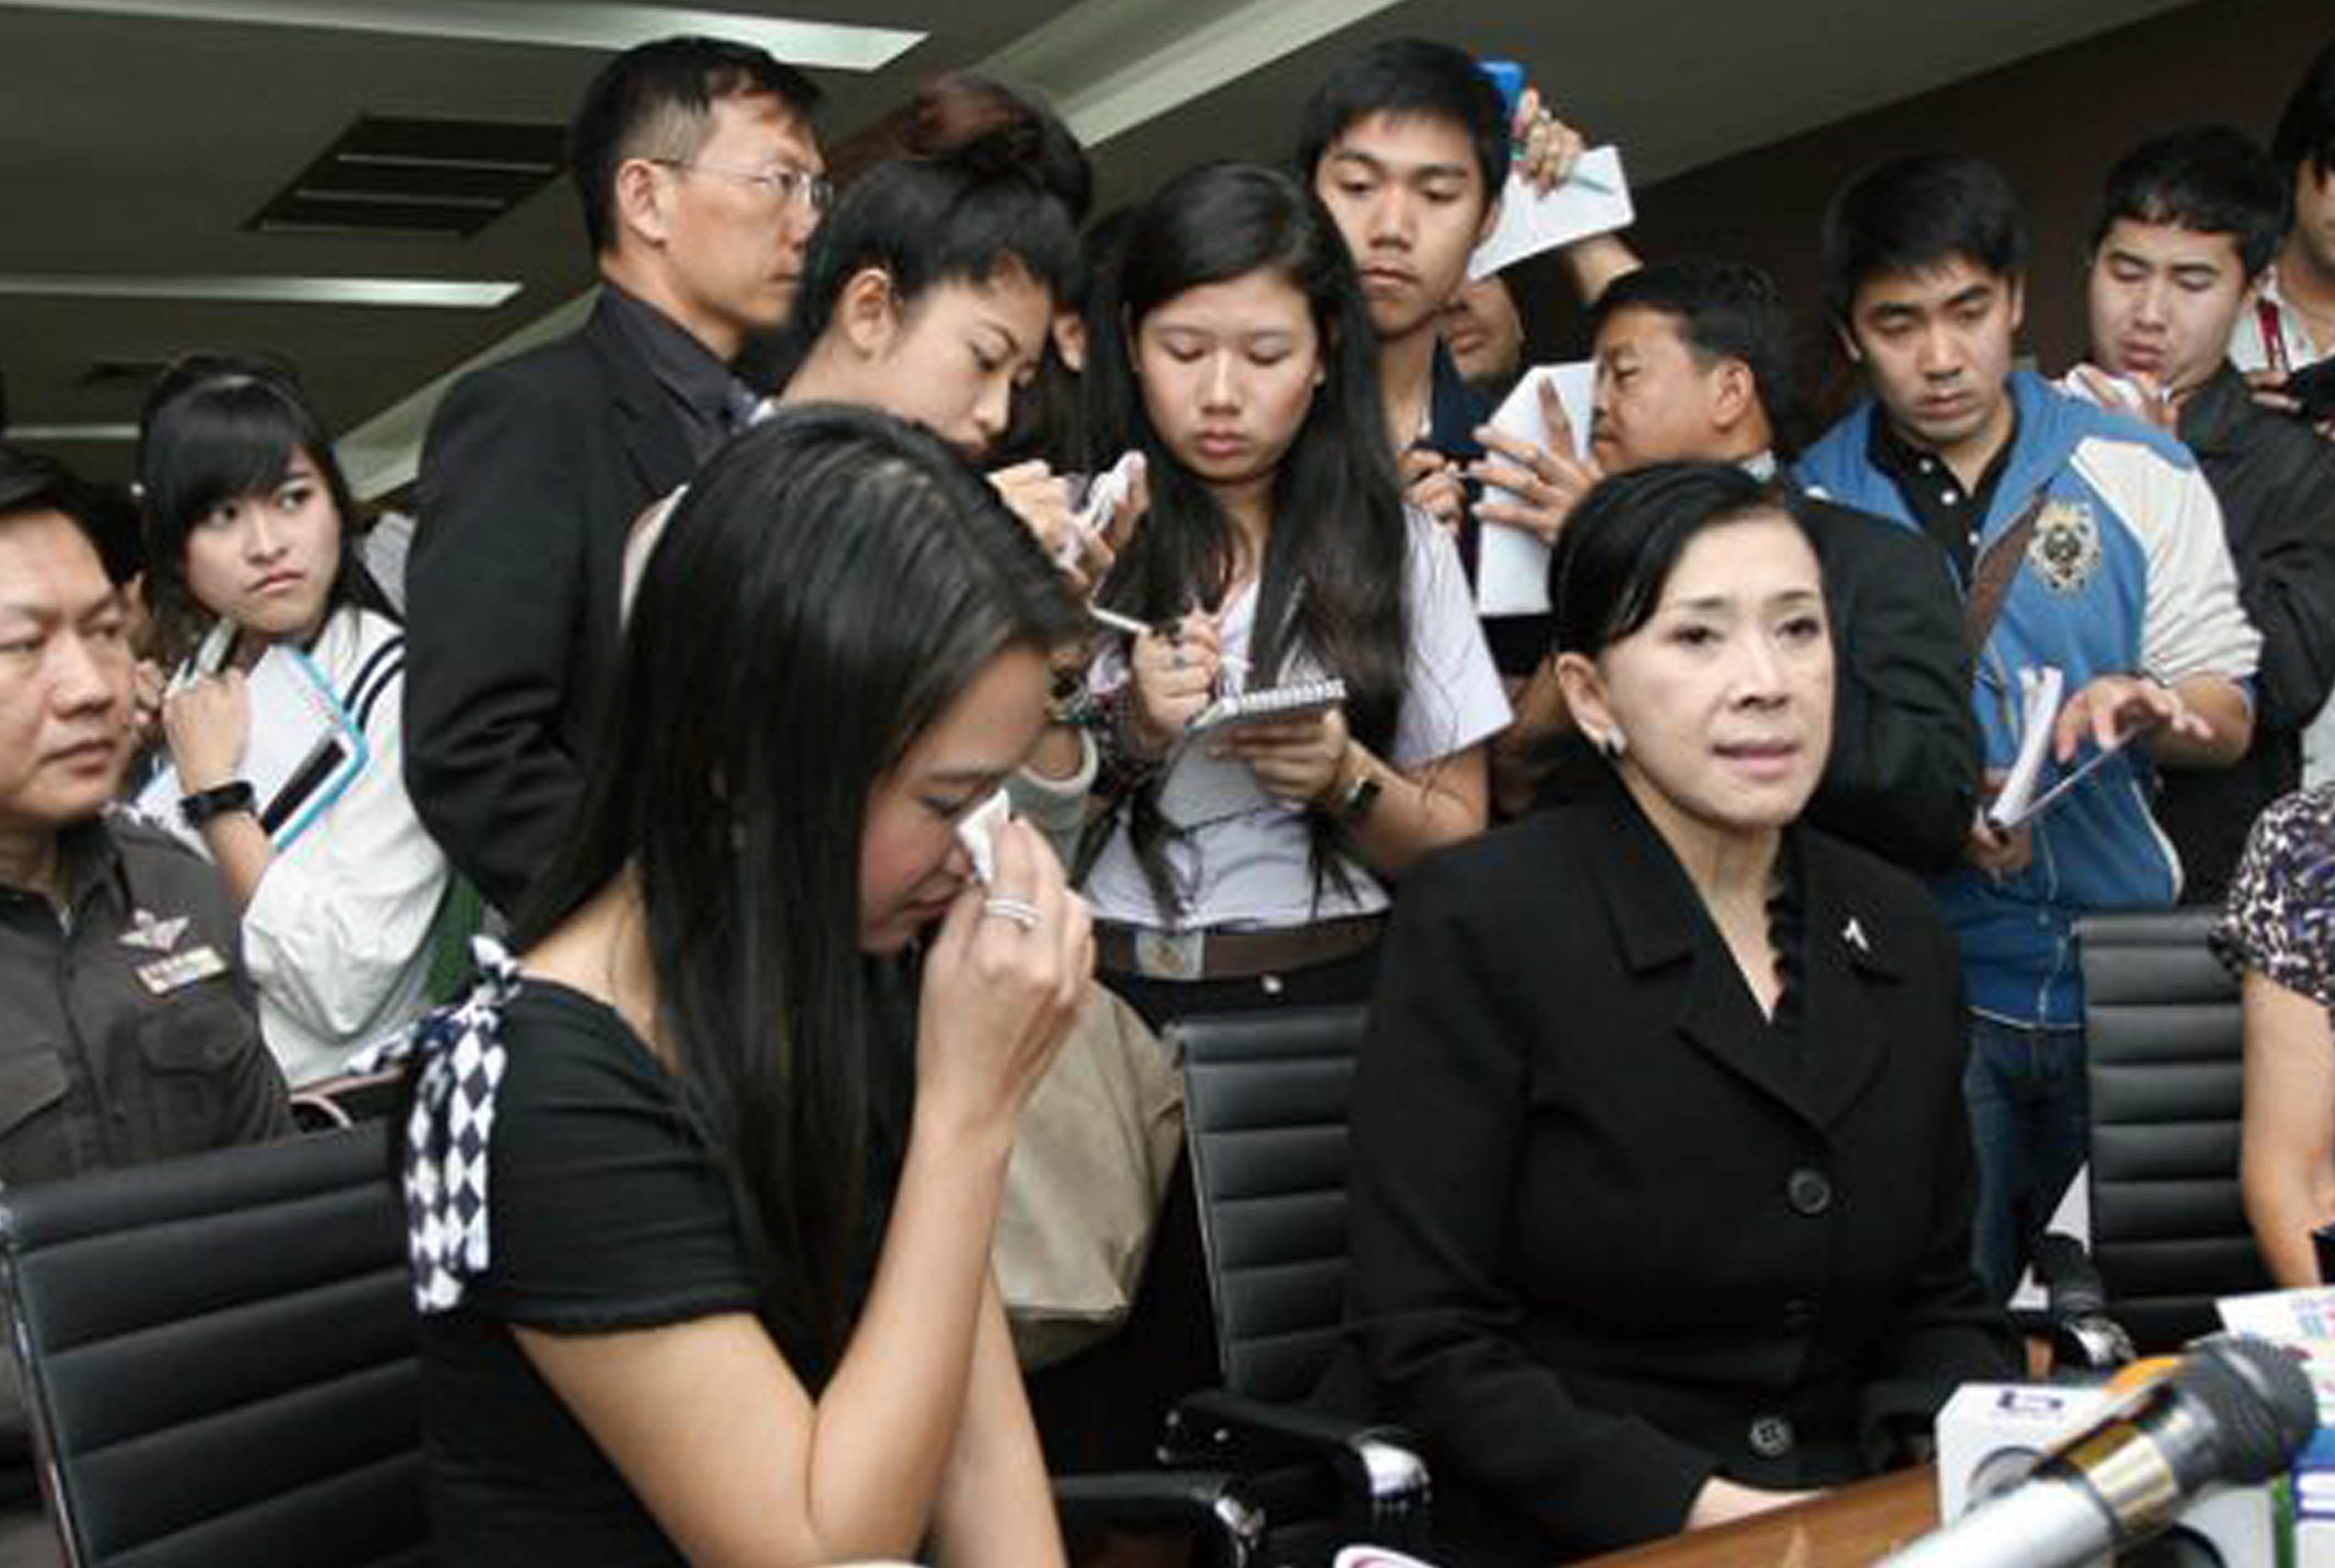 愛憎渦巻く殺人事件の判決 - ワイズデジタル【タイで生活する人のための情報サイト】